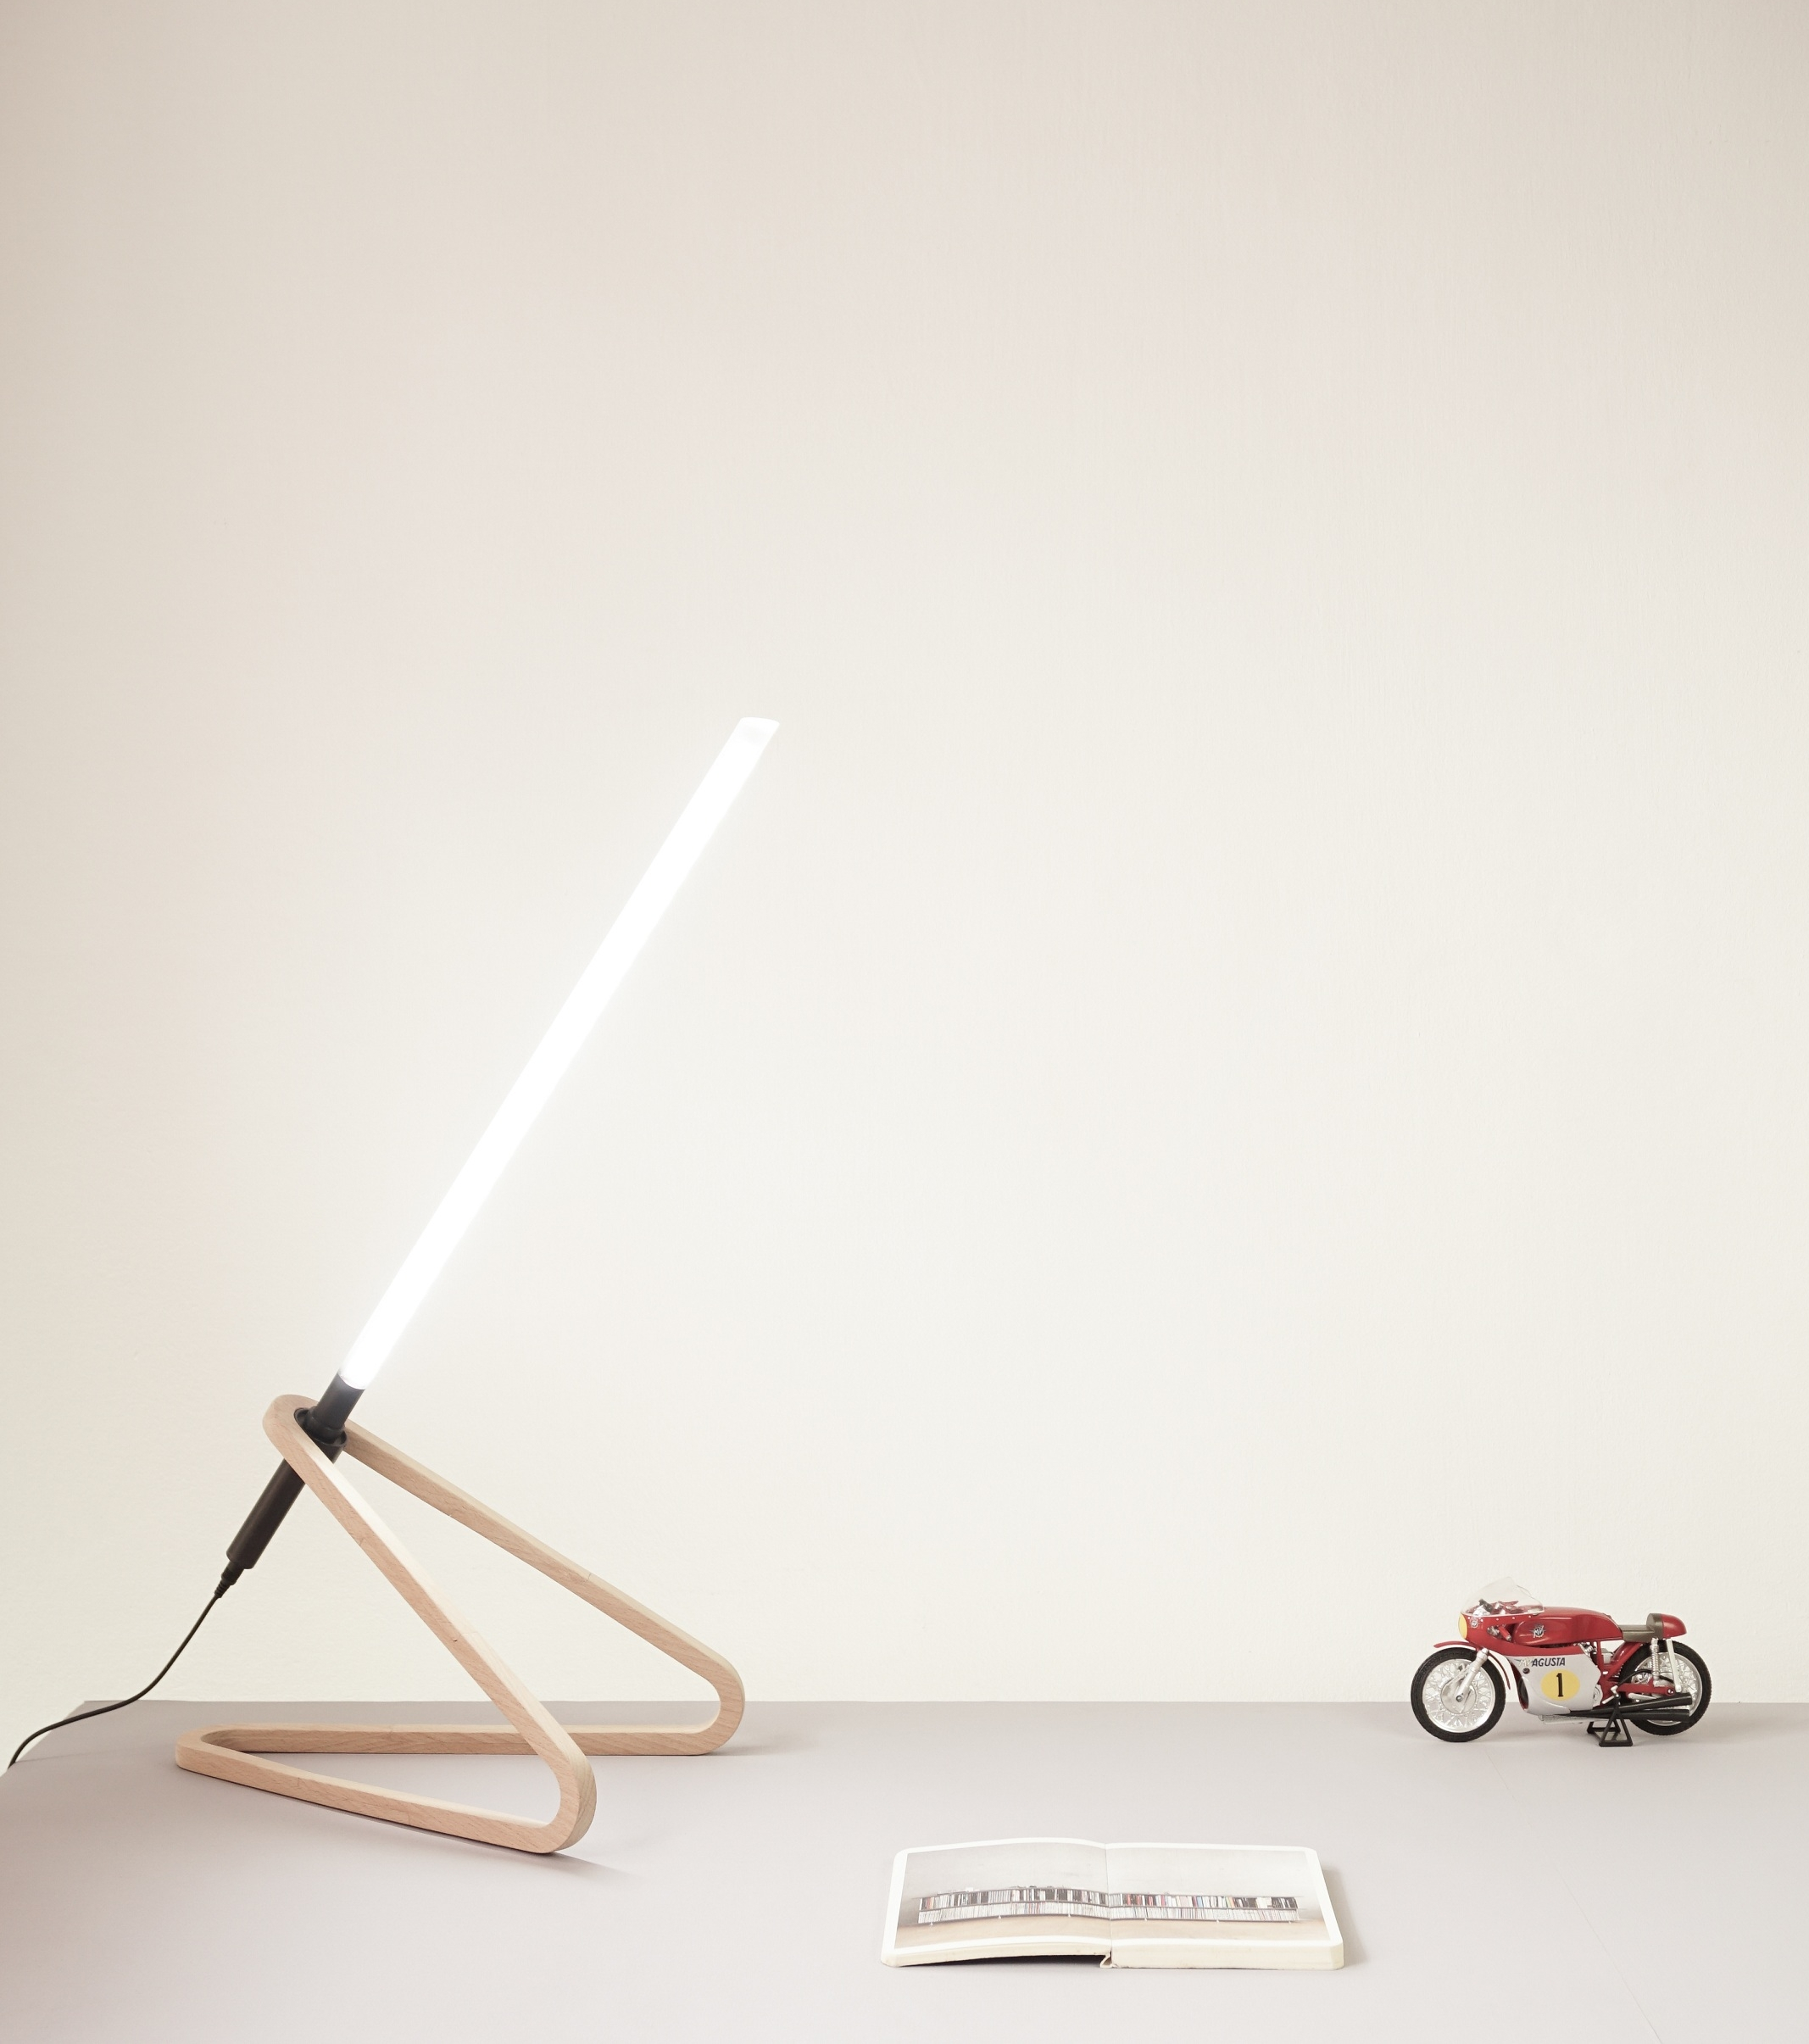 ALHAZEN LED TASK LAMP 2.jpg